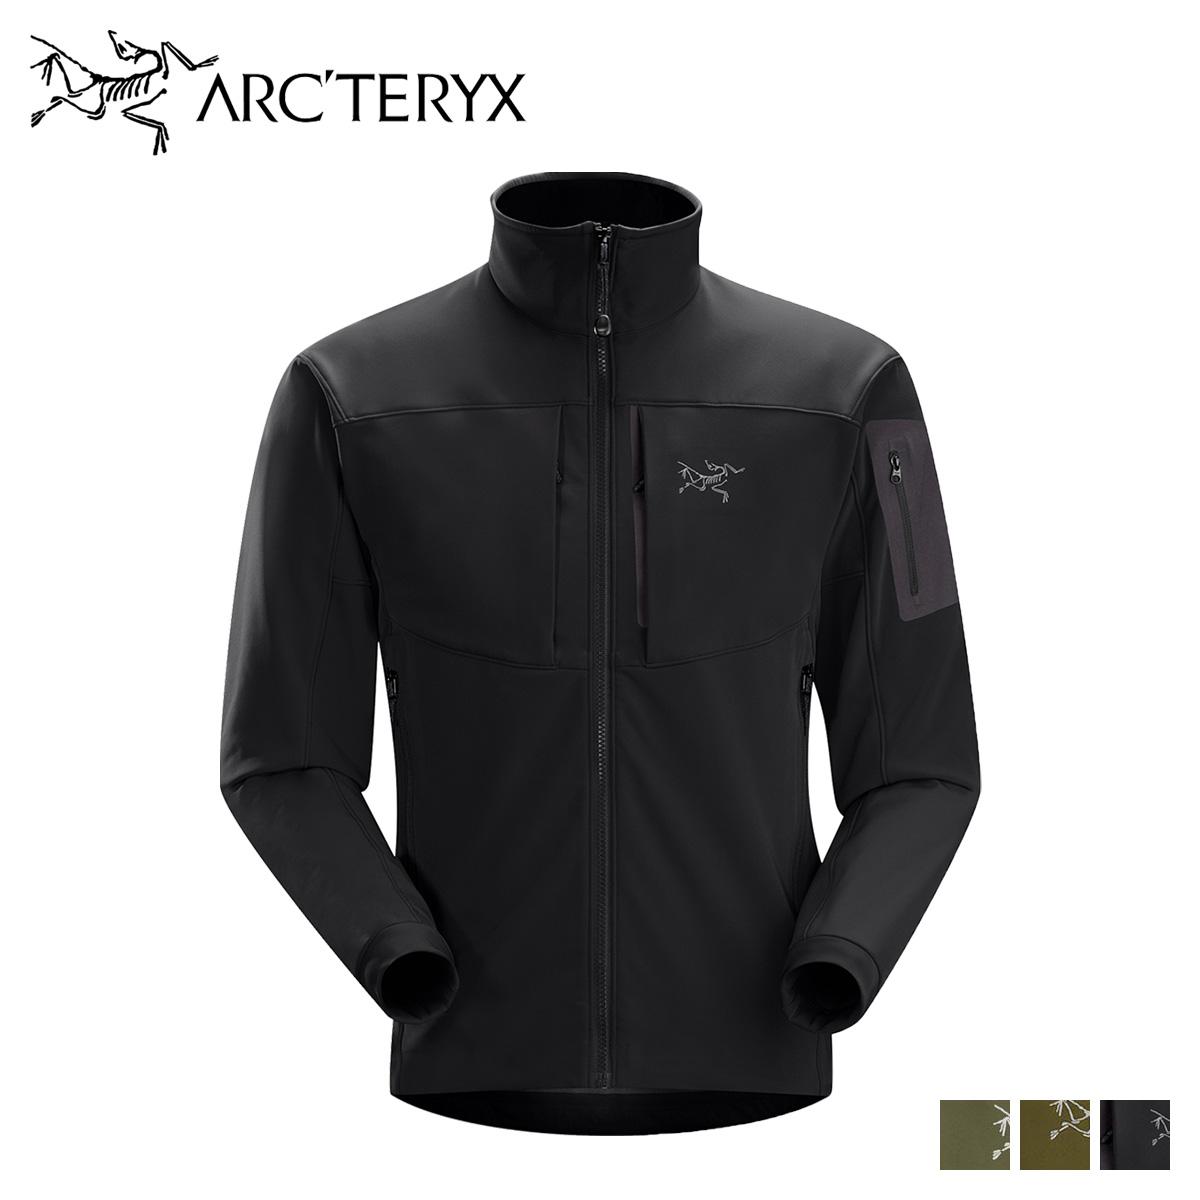 アークテリクス ARCTERYX ジャケット ガンマ メンズ GAMMA MX JACKET ブラック カーキ グリーン 黒 19276